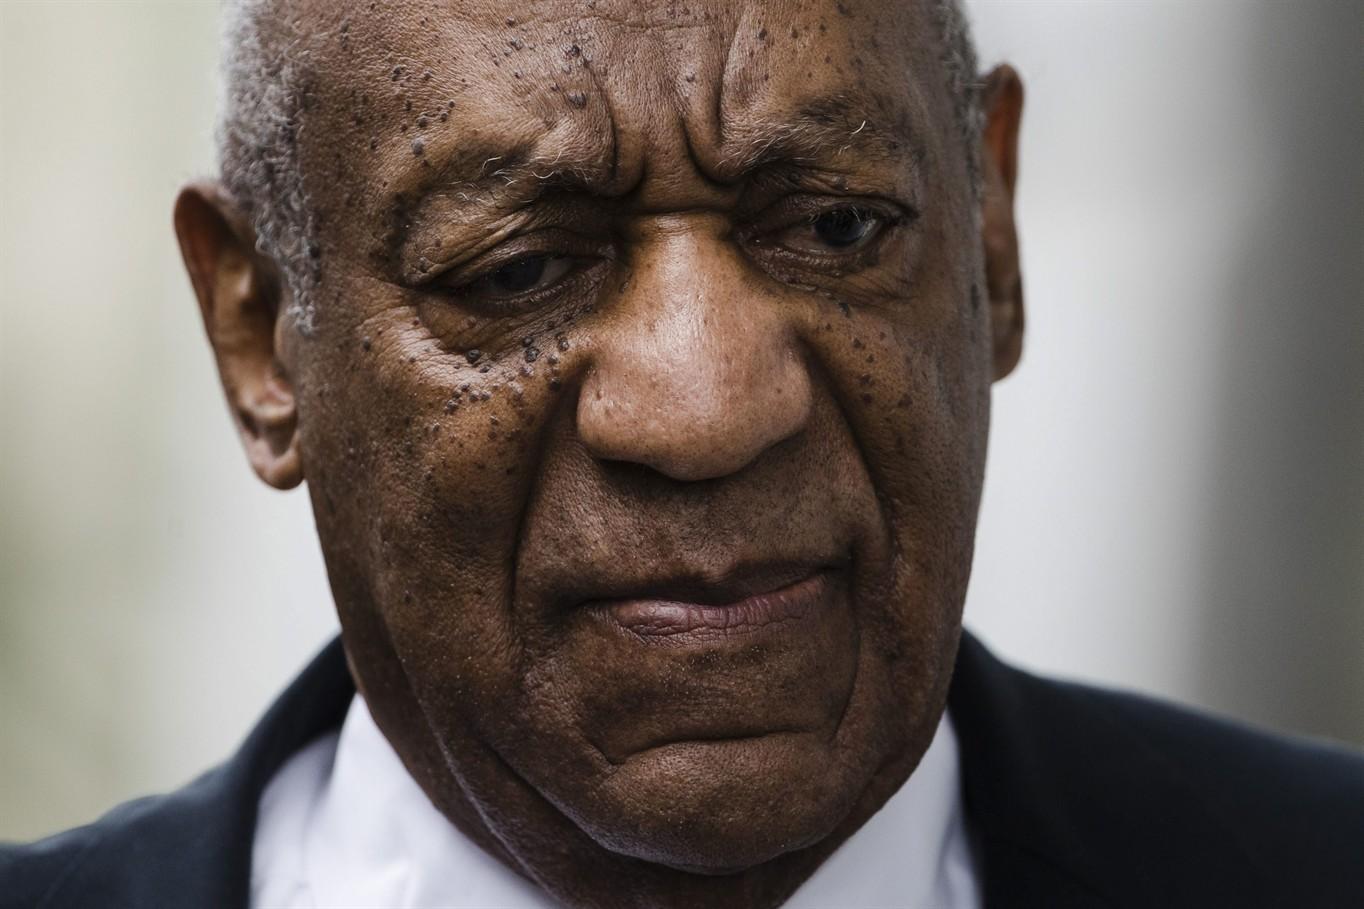 Gloria Allred to Bill Cosby: